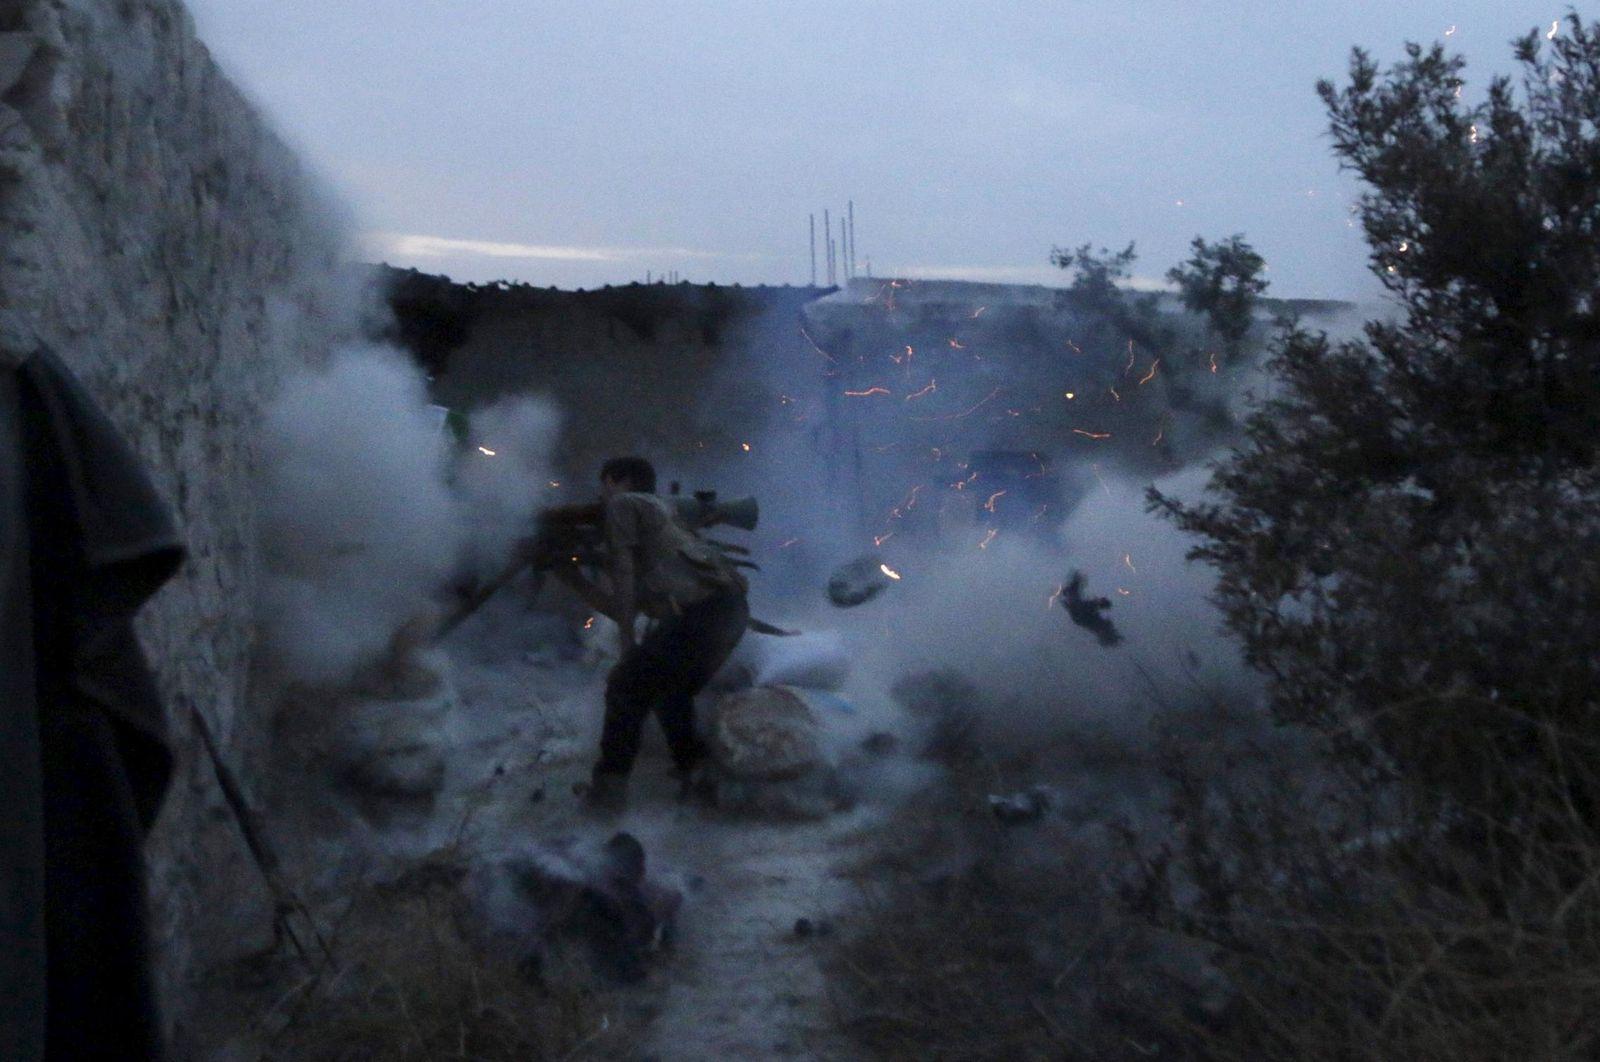 Foto: Un miliciano rebelde dispara un proyectil contra fuerzas del presidente sirio, Bachar al Asad, durante combates en Alepo, el 24 de mayo de 2015 (Reuters).